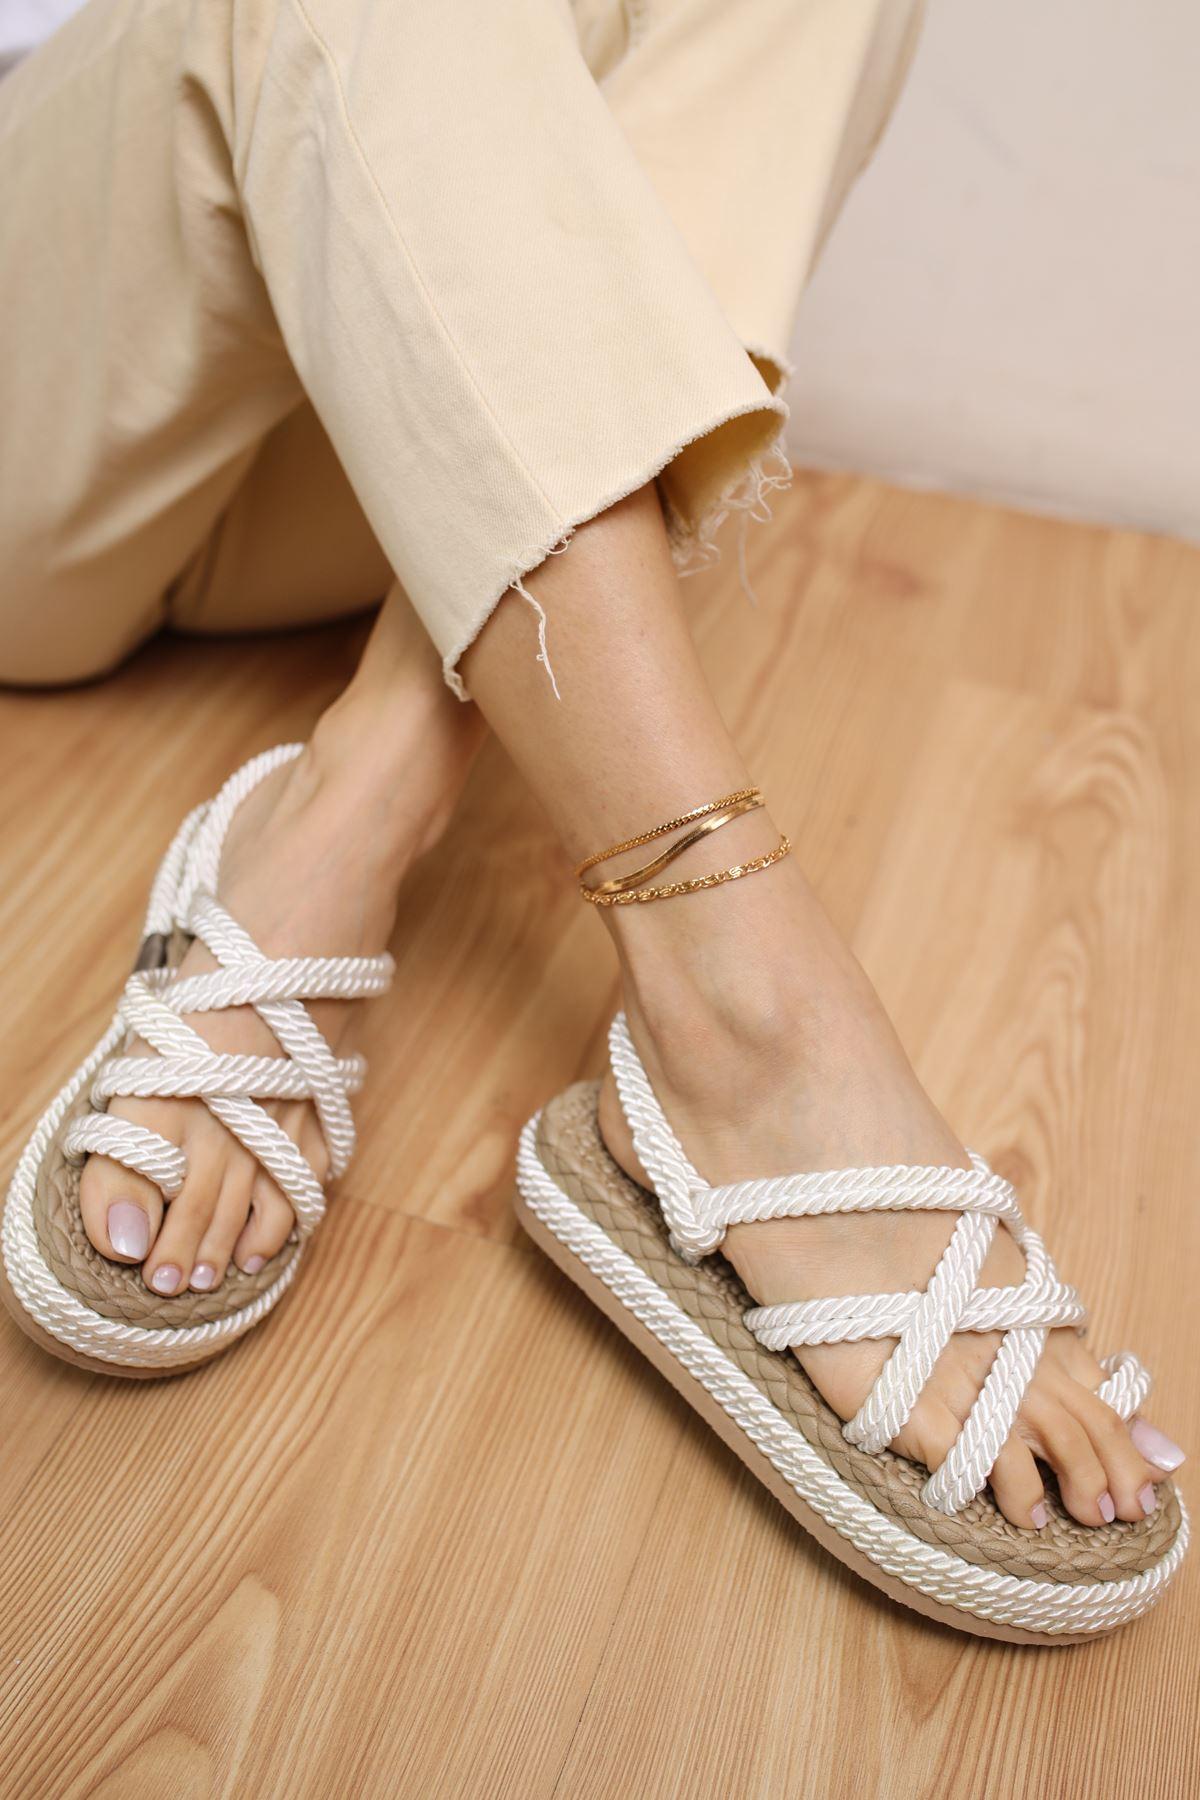 Carlo Beyaz Halat Kadın Sandalet